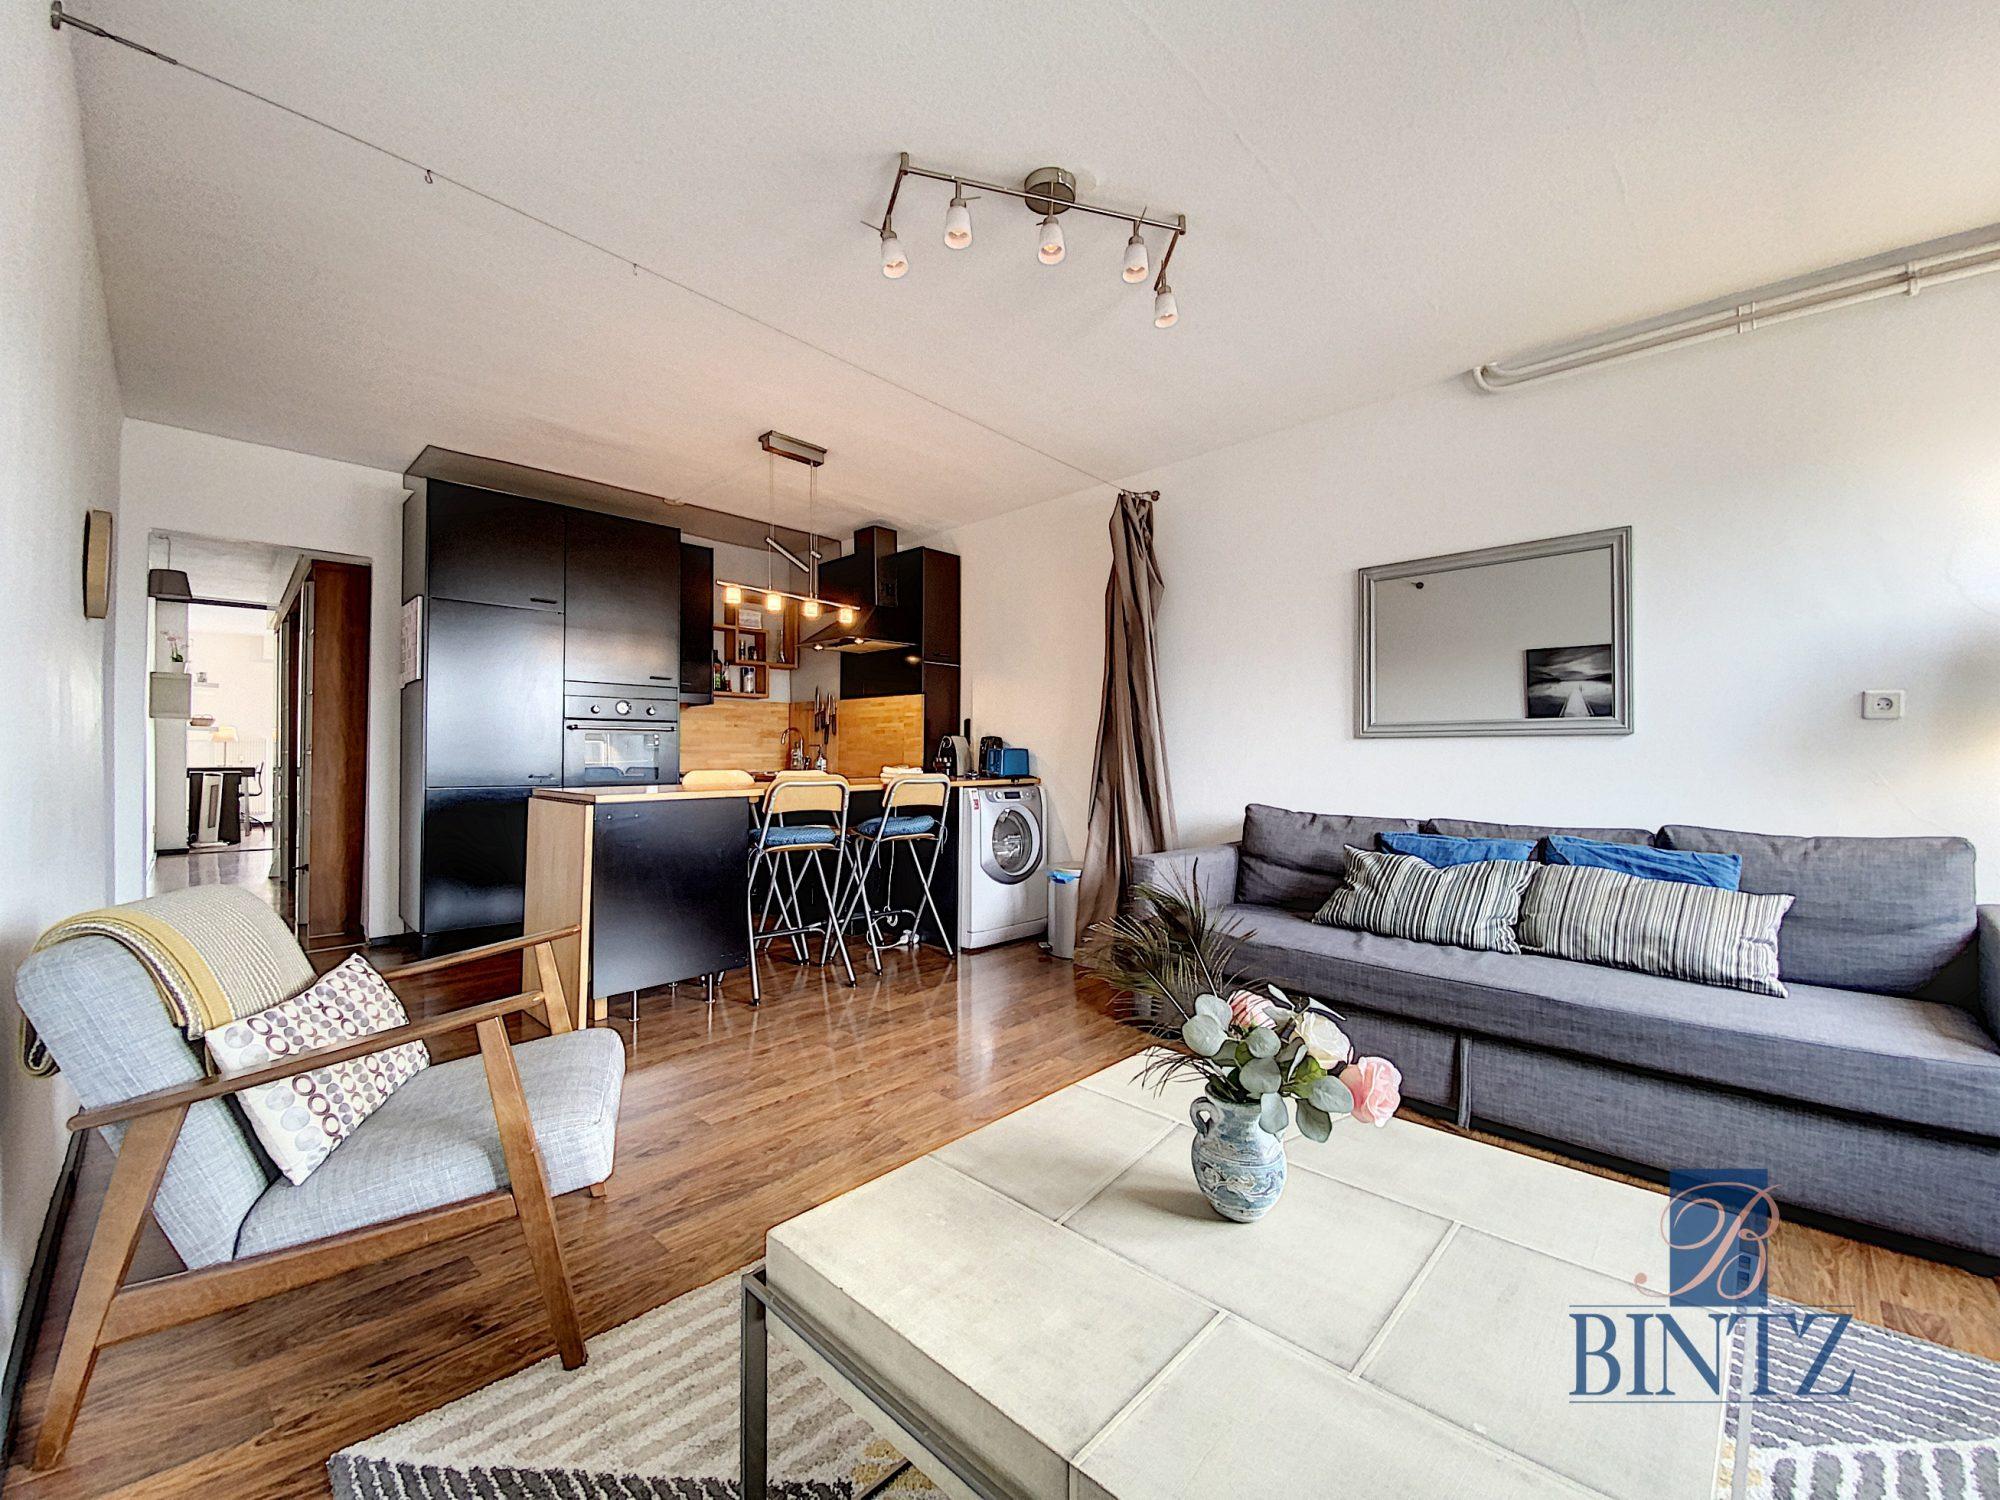 2P MEUBLÉ FG NATIONAL AVEC BALCON - Devenez locataire en toute sérénité - Bintz Immobilier - 1